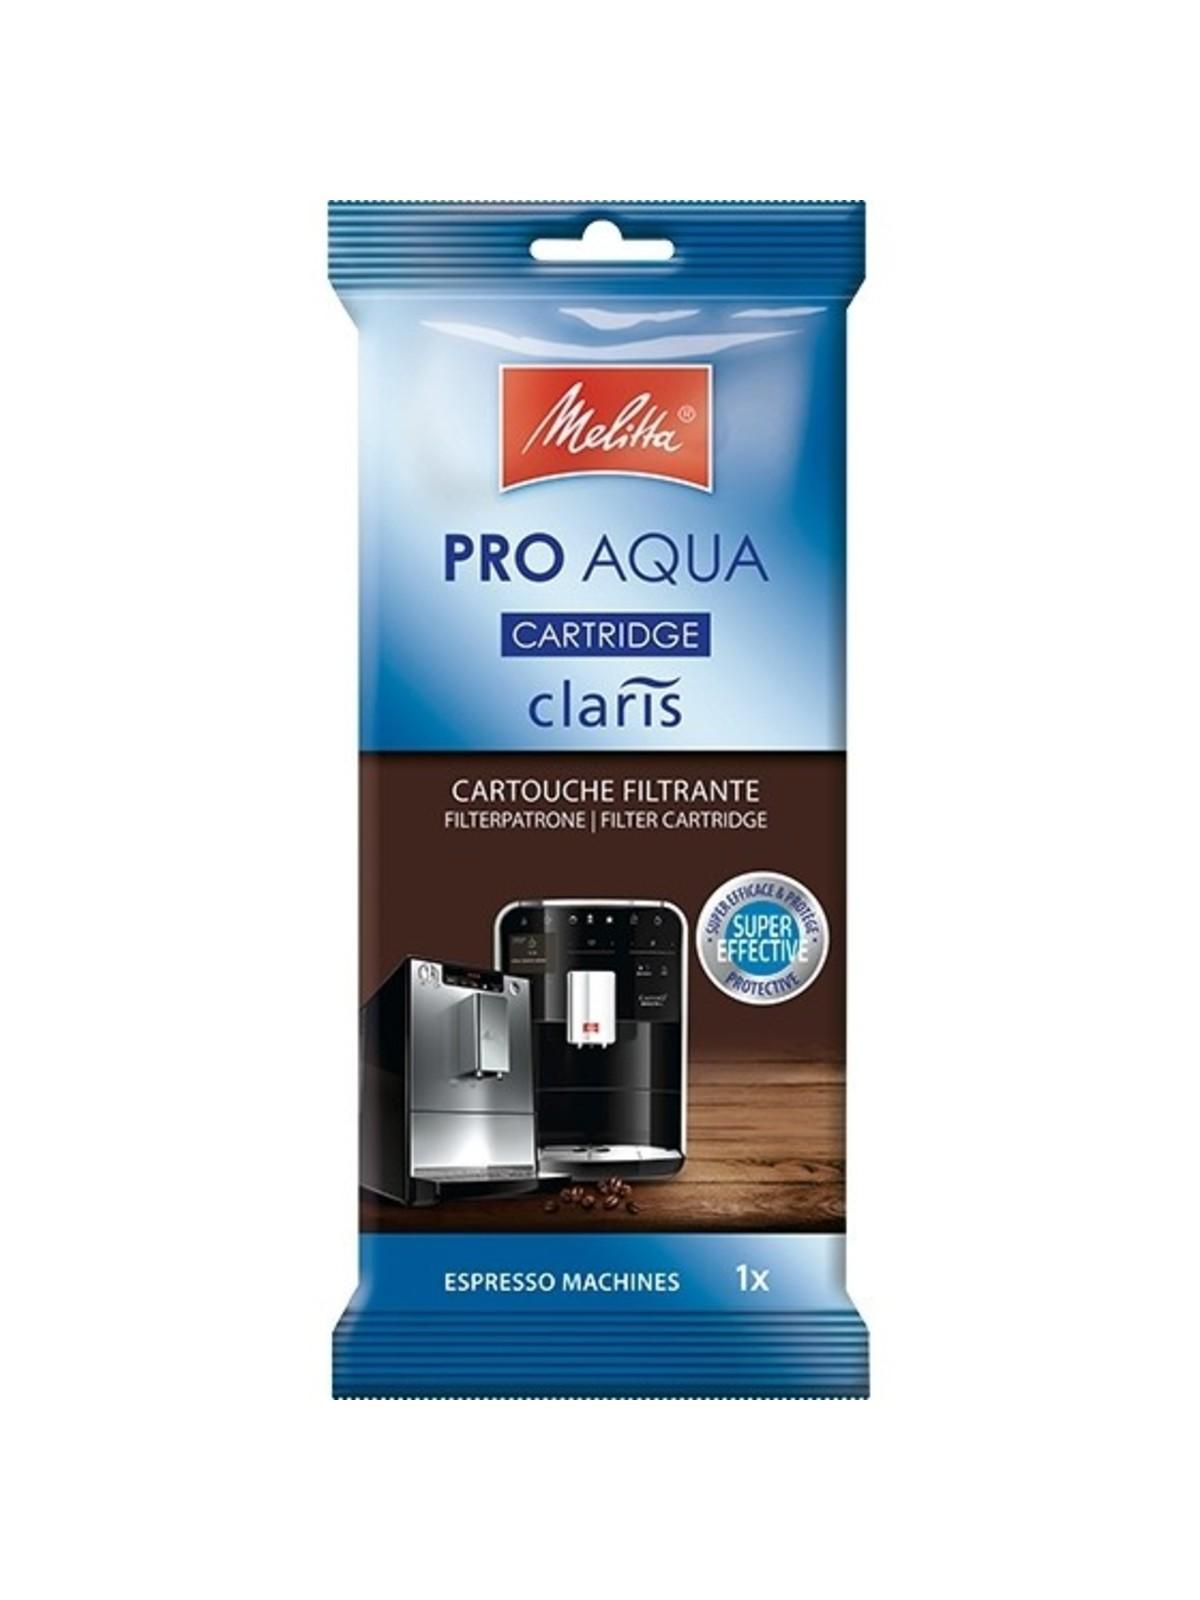 MELITTA Pro Aqua Claris waterfilter